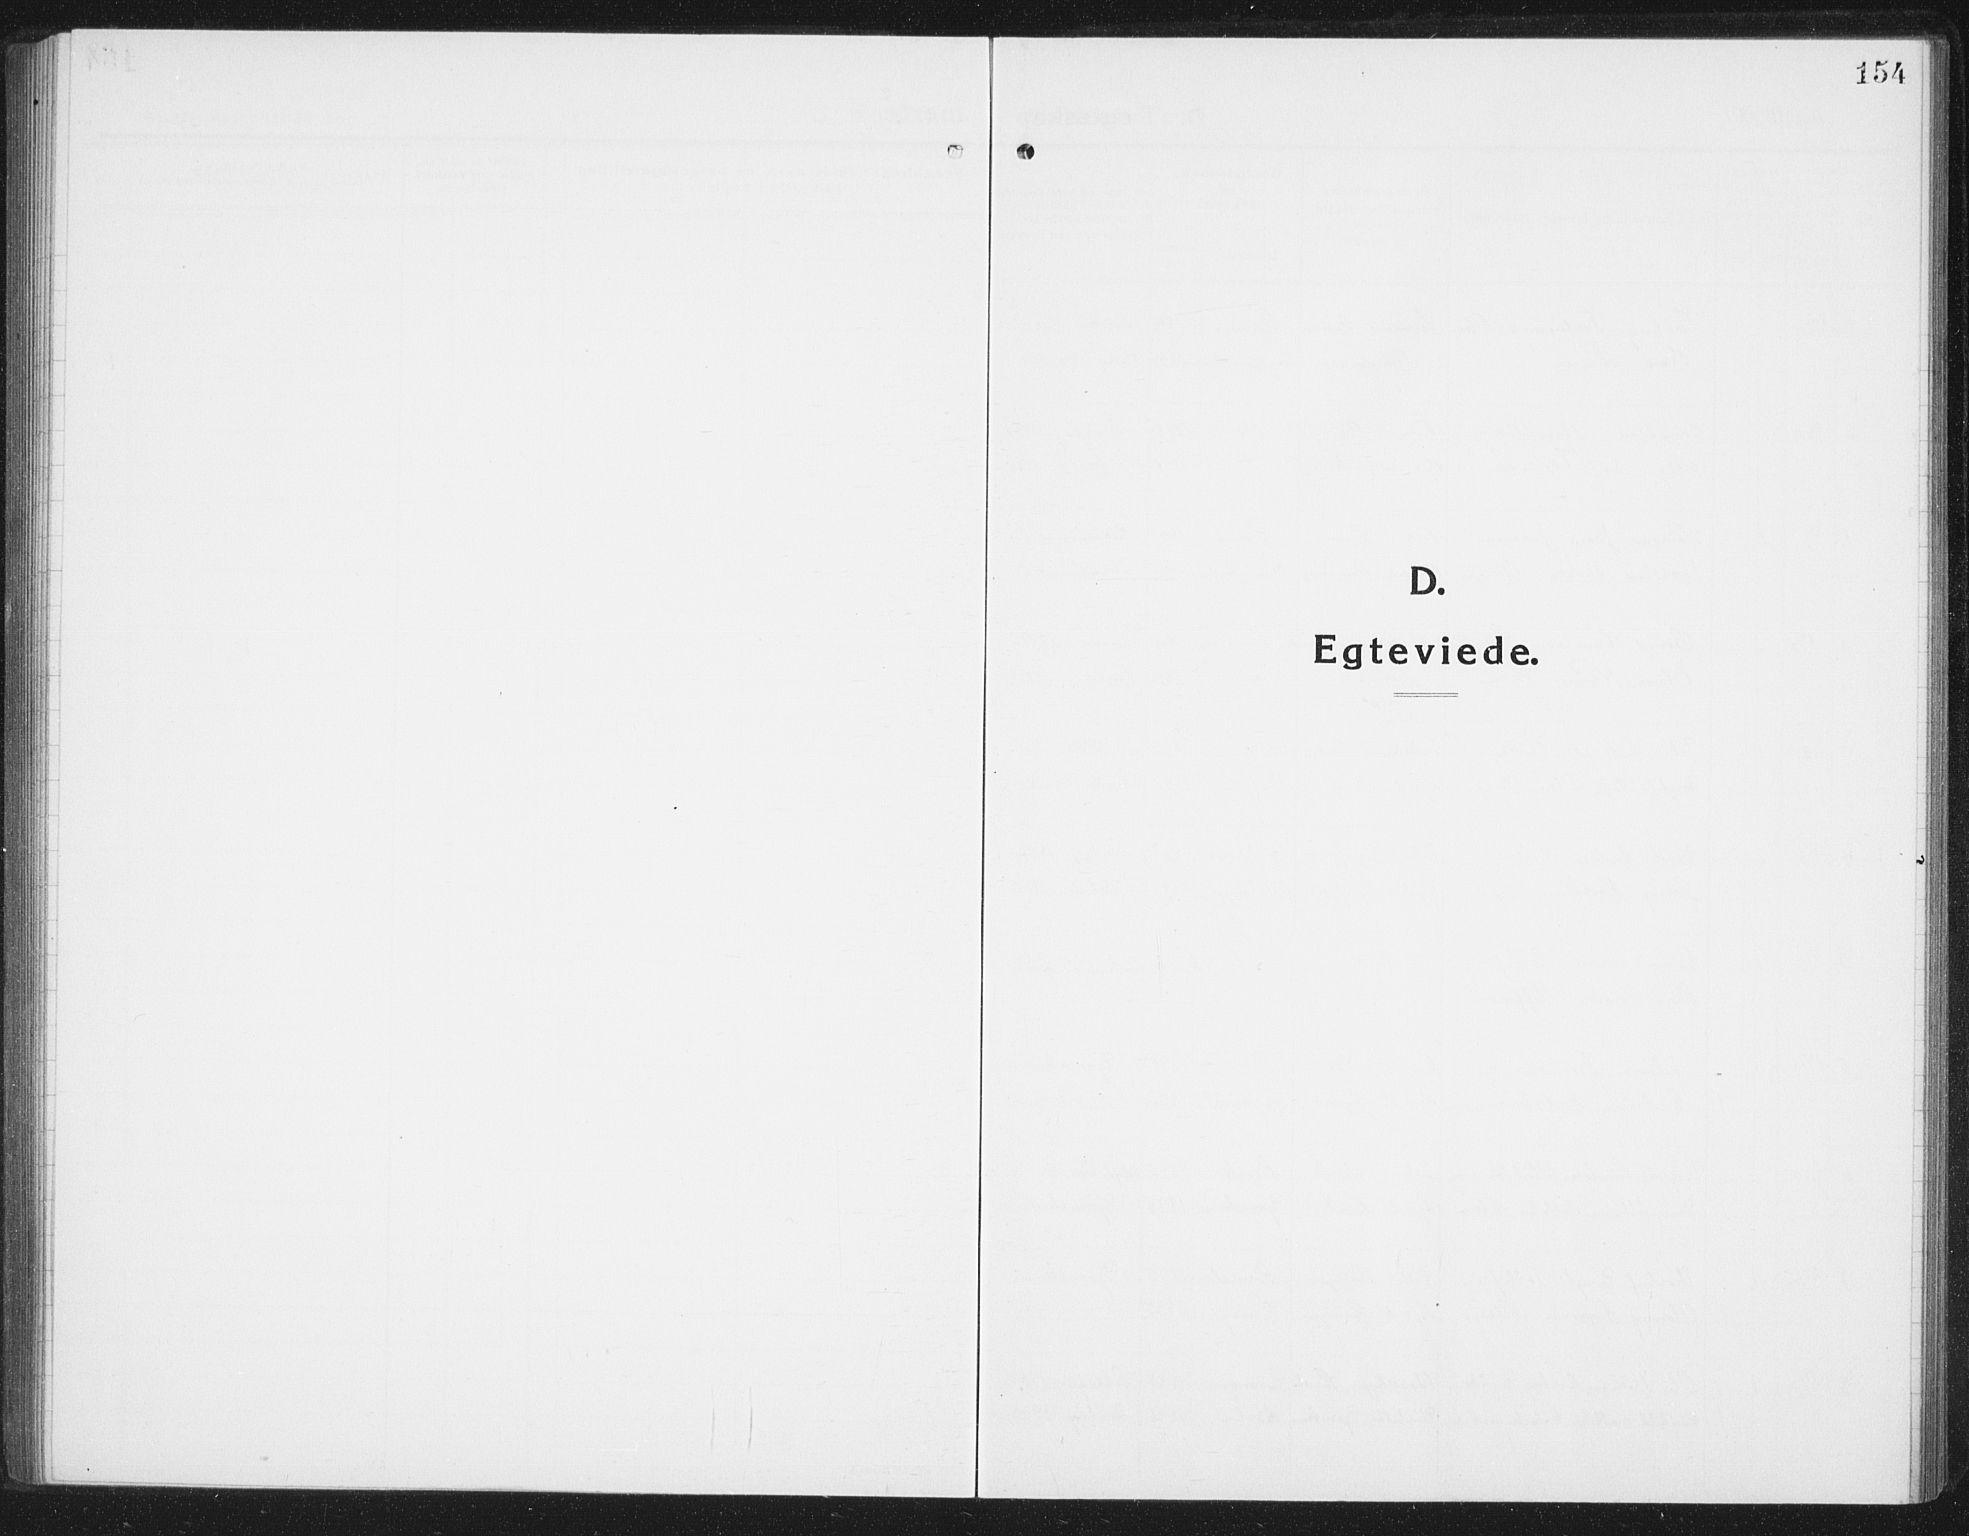 SAT, Ministerialprotokoller, klokkerbøker og fødselsregistre - Nordland, 898/L1428: Parish register (copy) no. 898C03, 1918-1938, p. 154